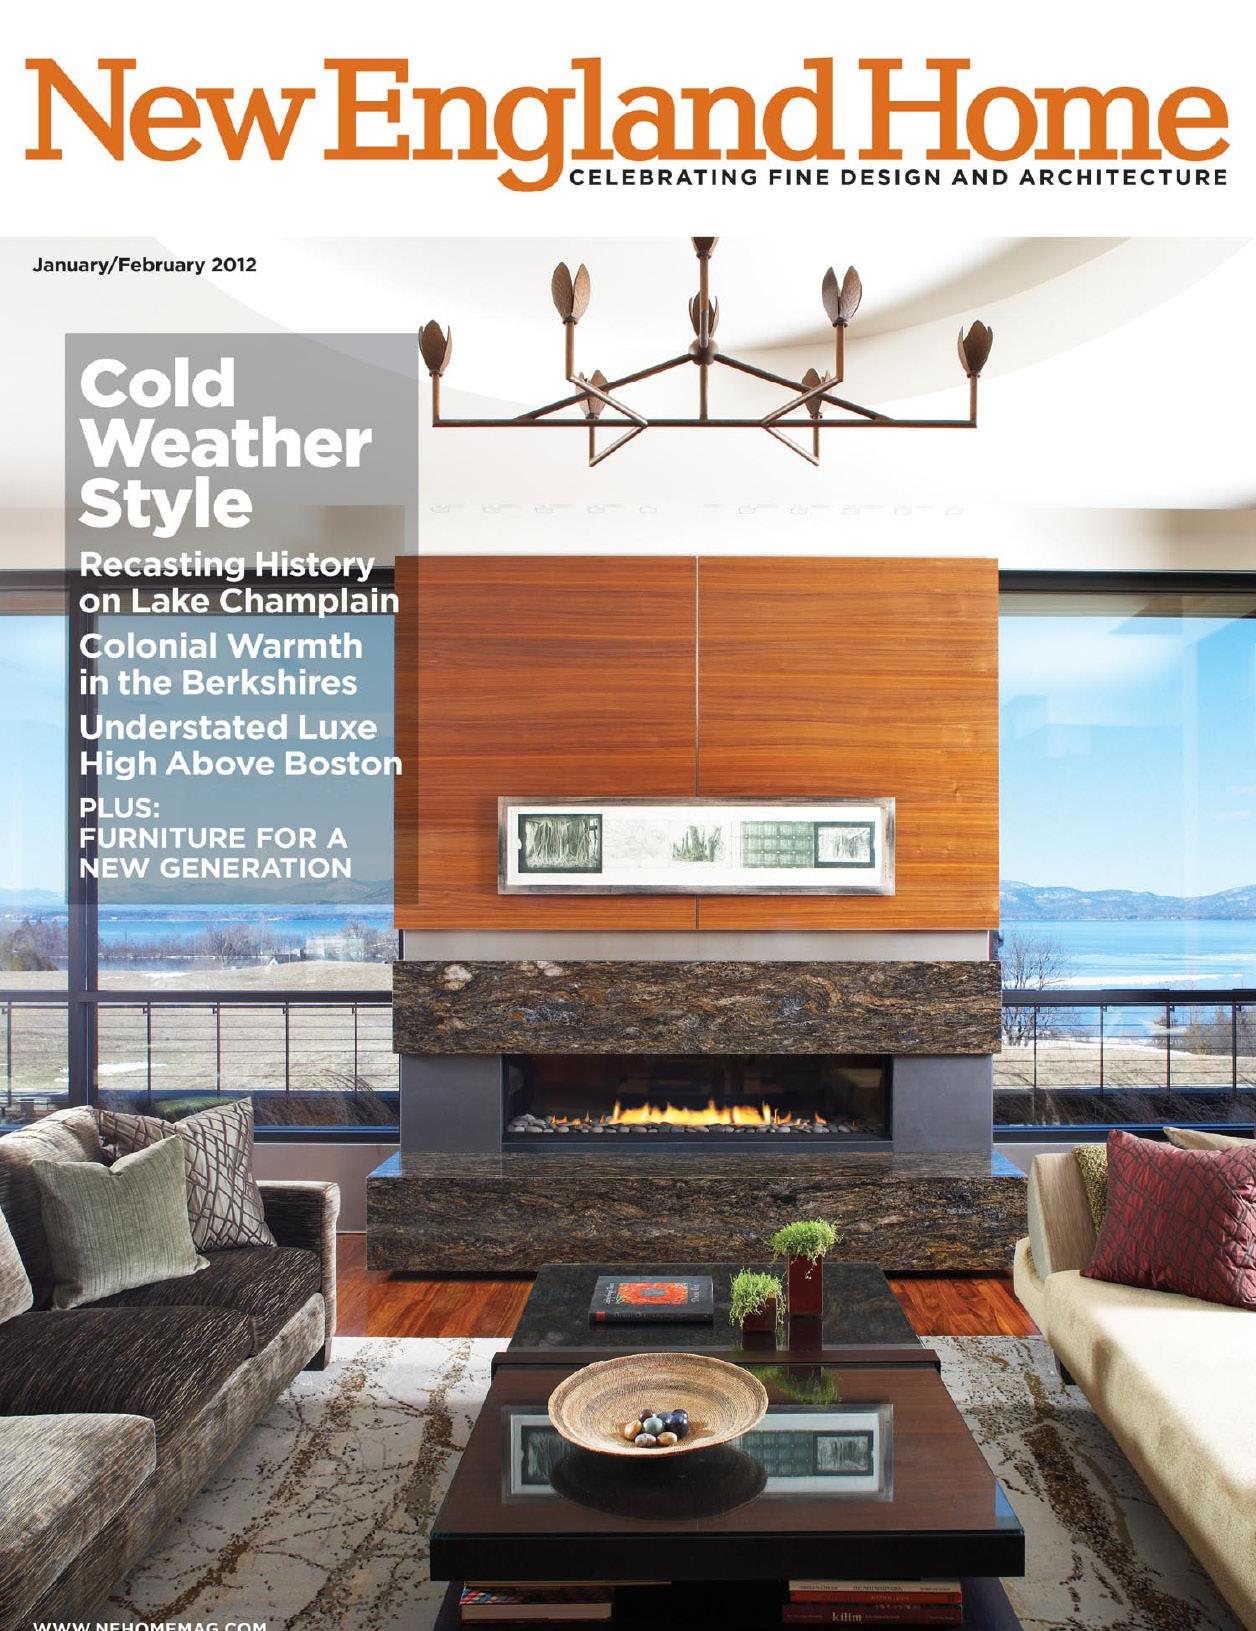 New England Home 2012 | Design Associates Inc.